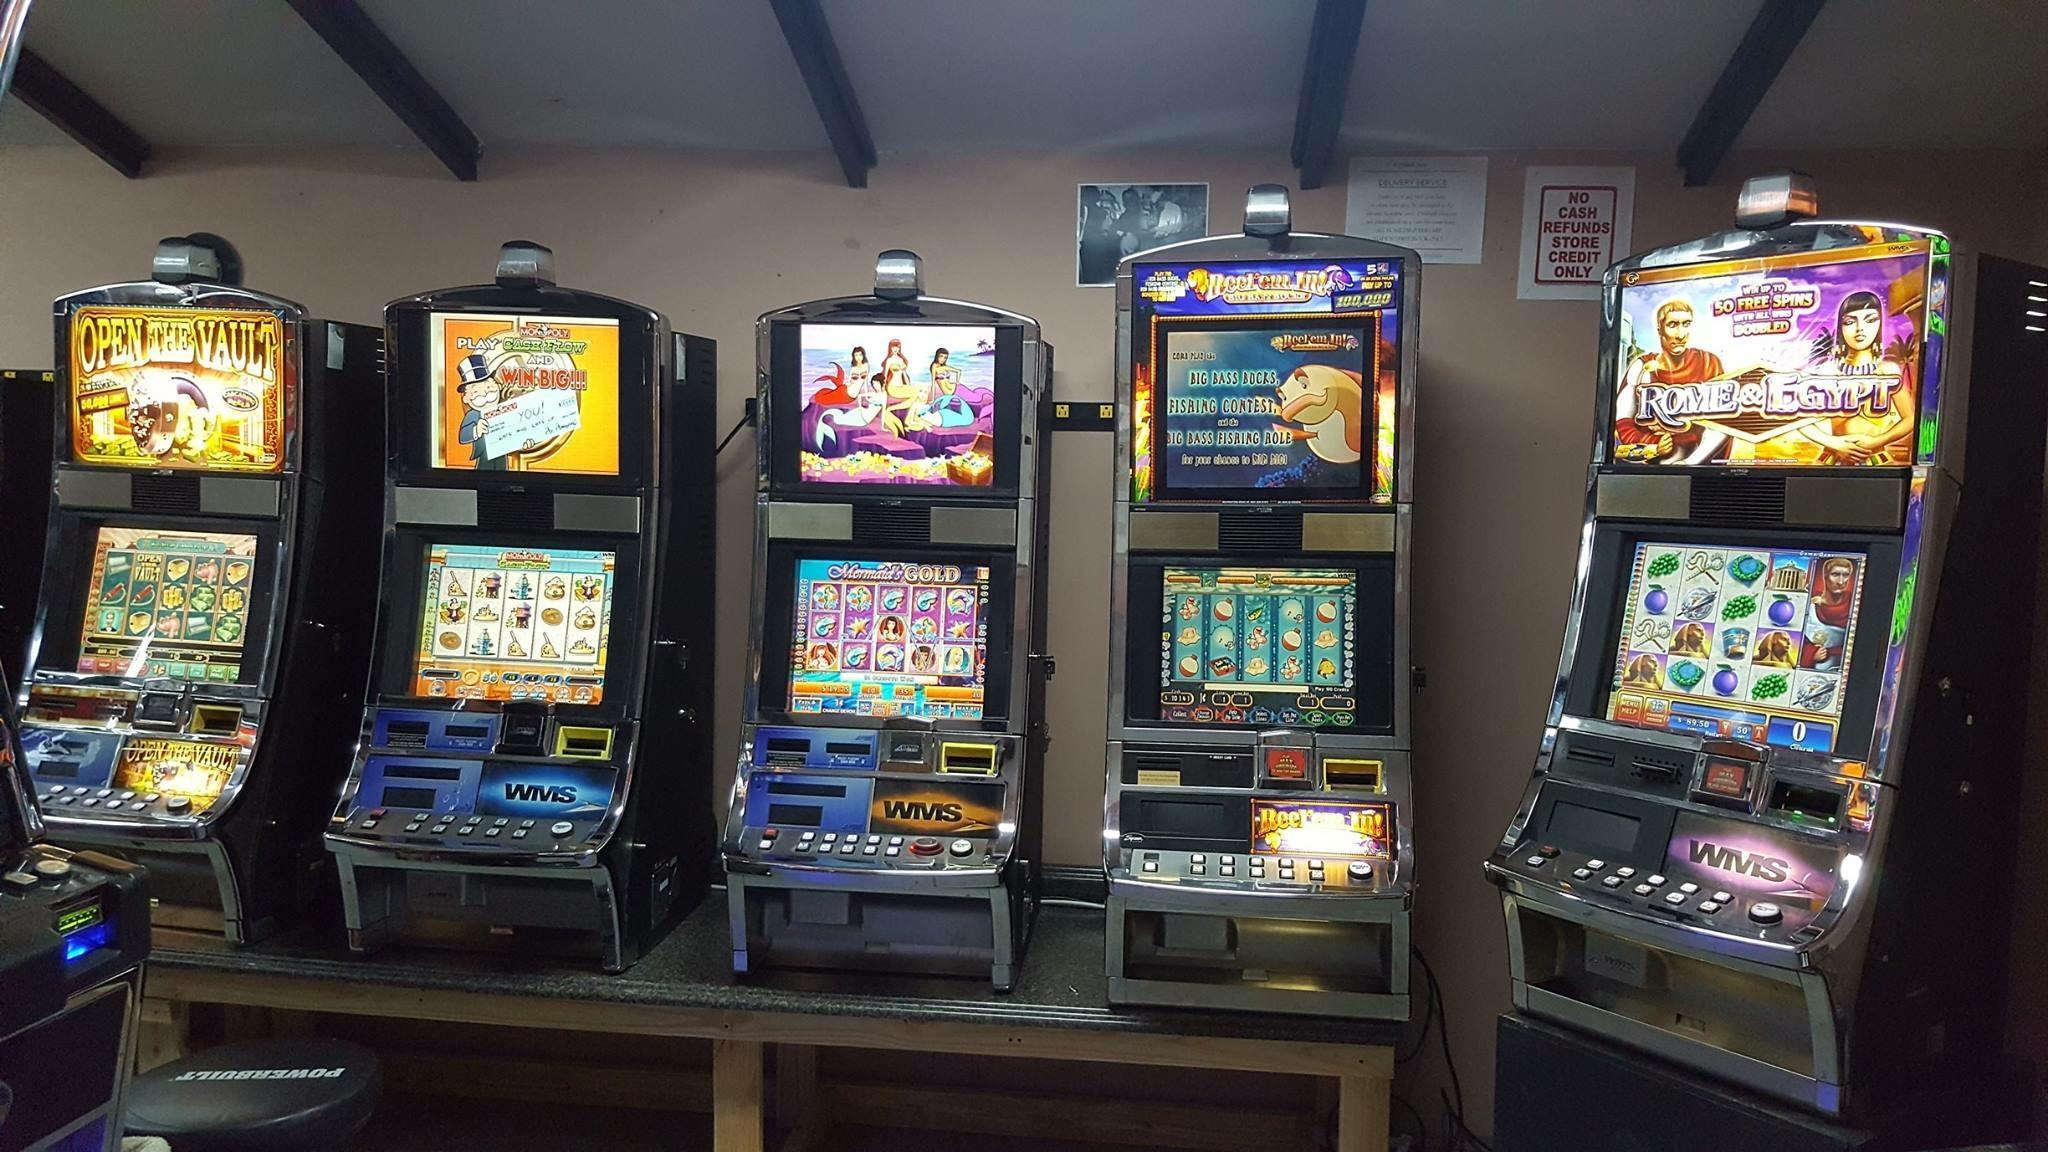 Westfield Slots image 5